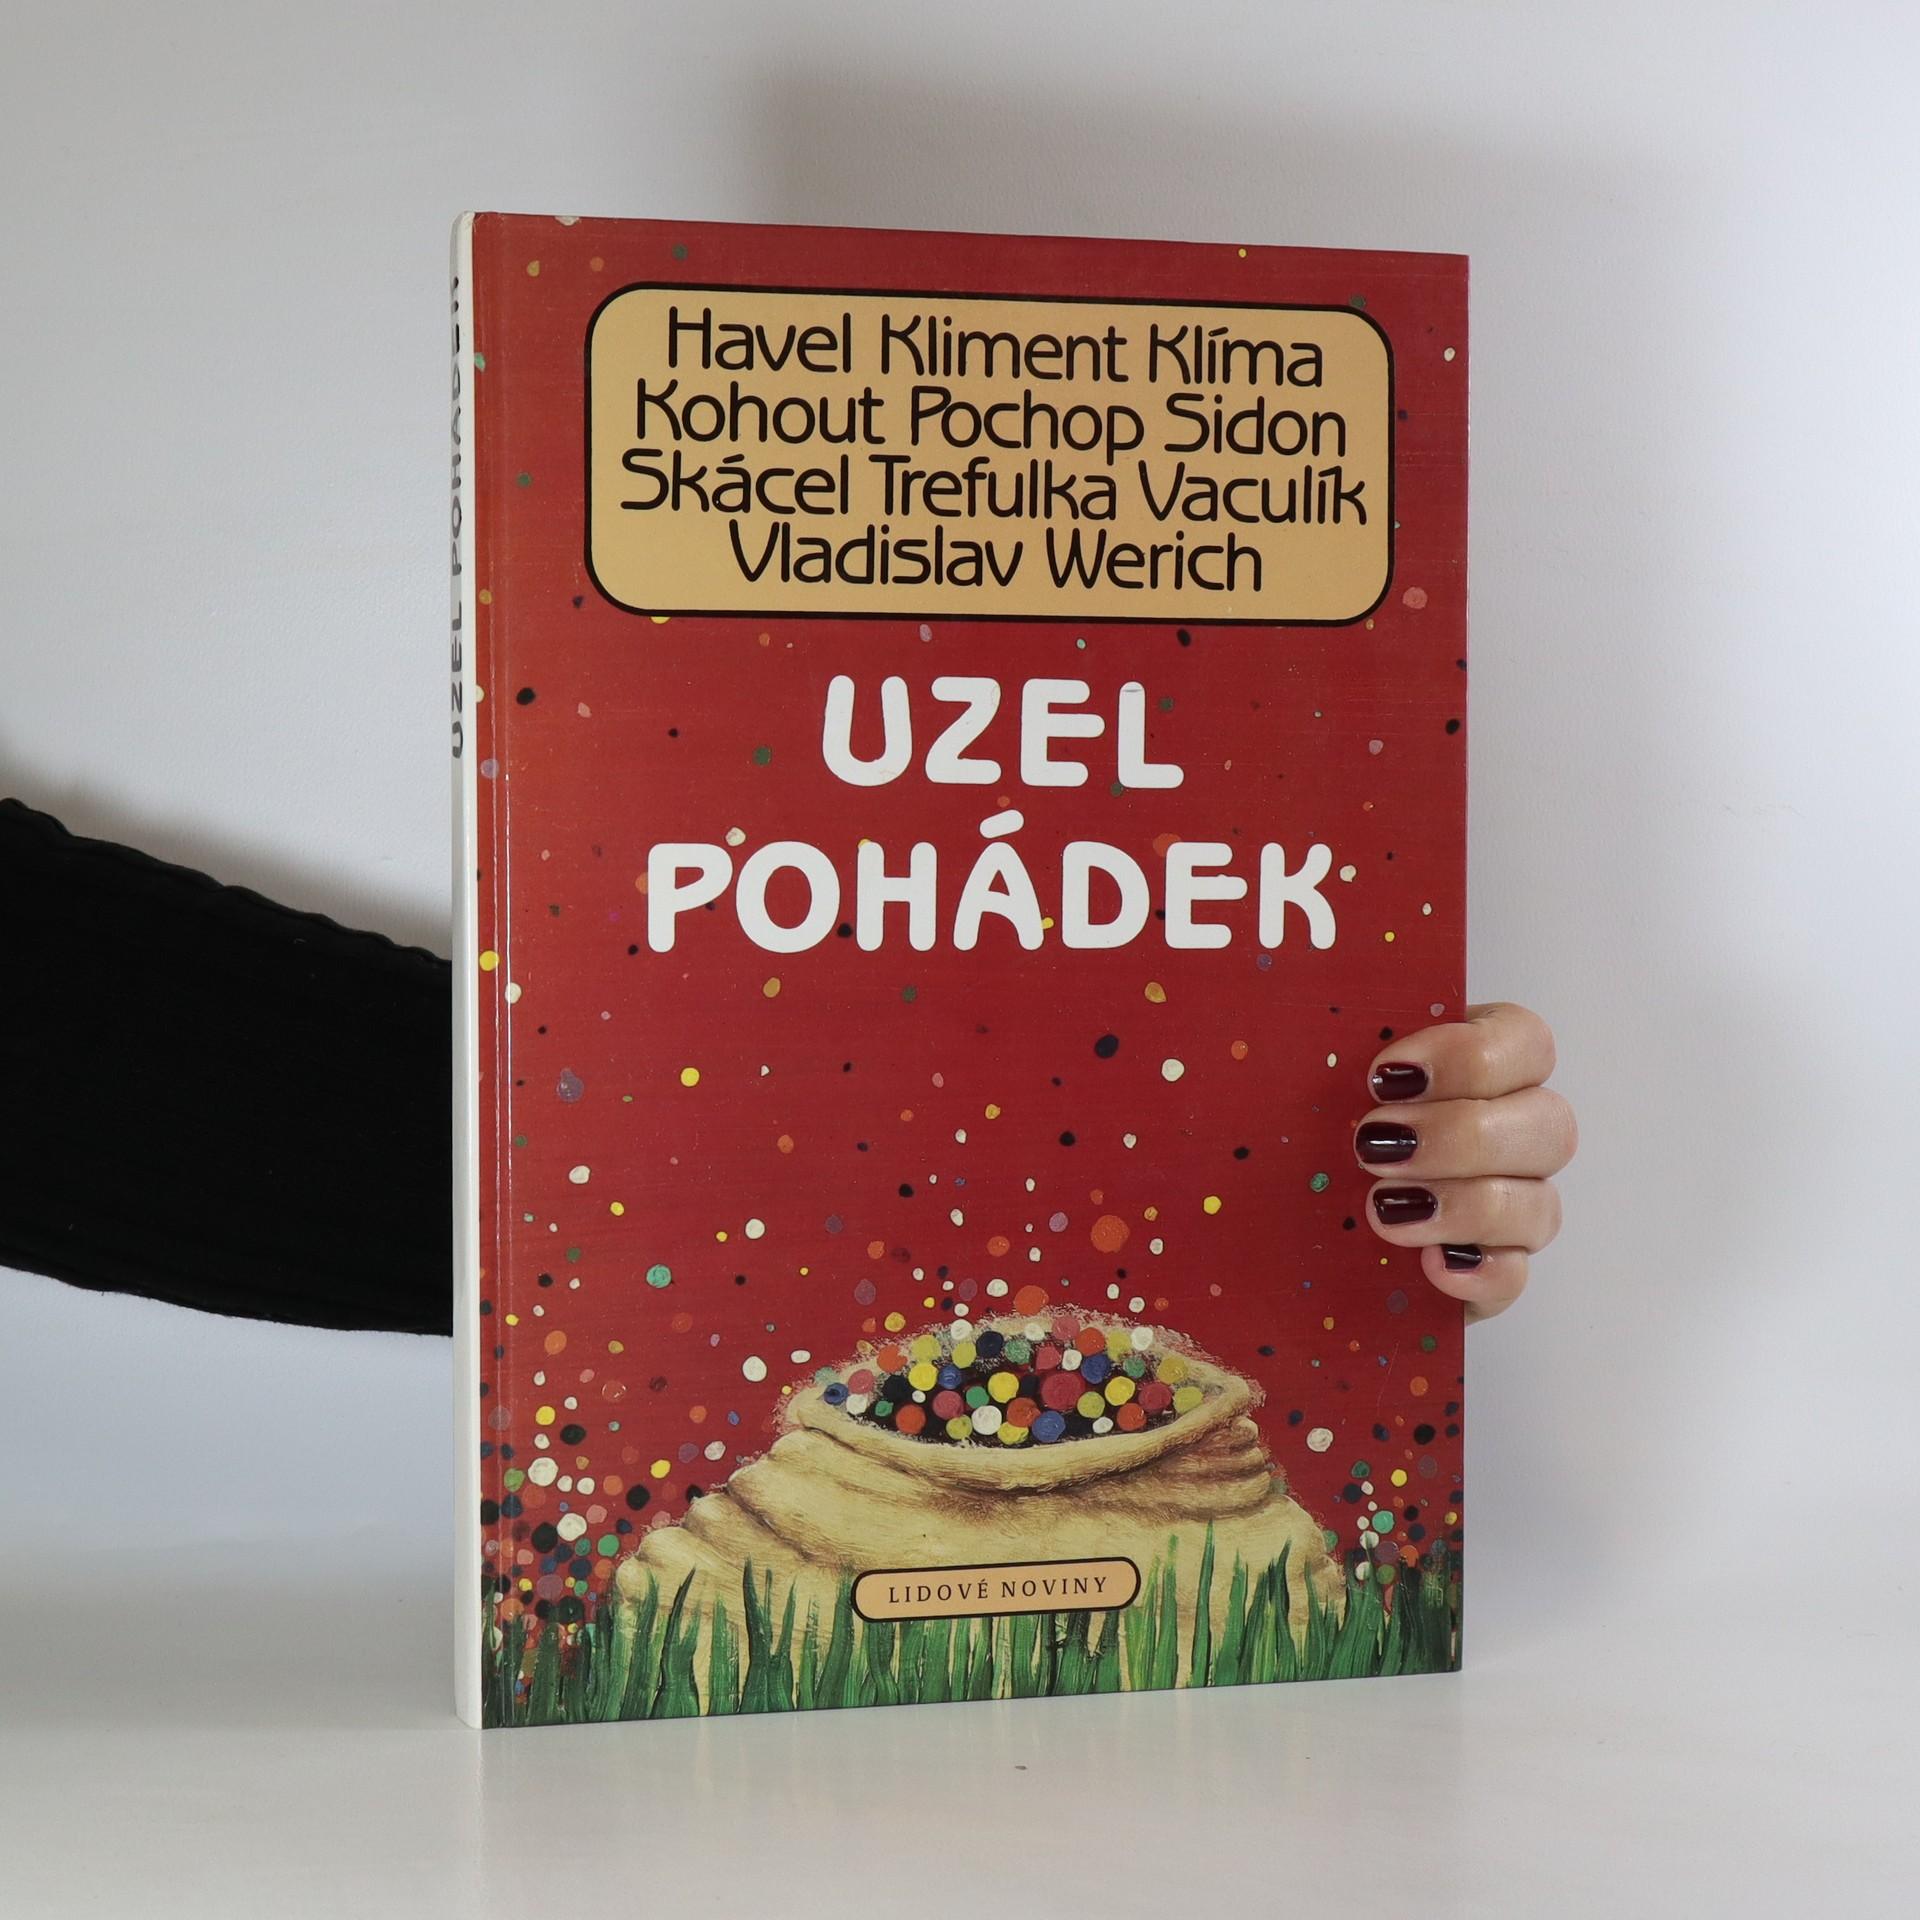 antikvární kniha Uzel pohádek, 1991